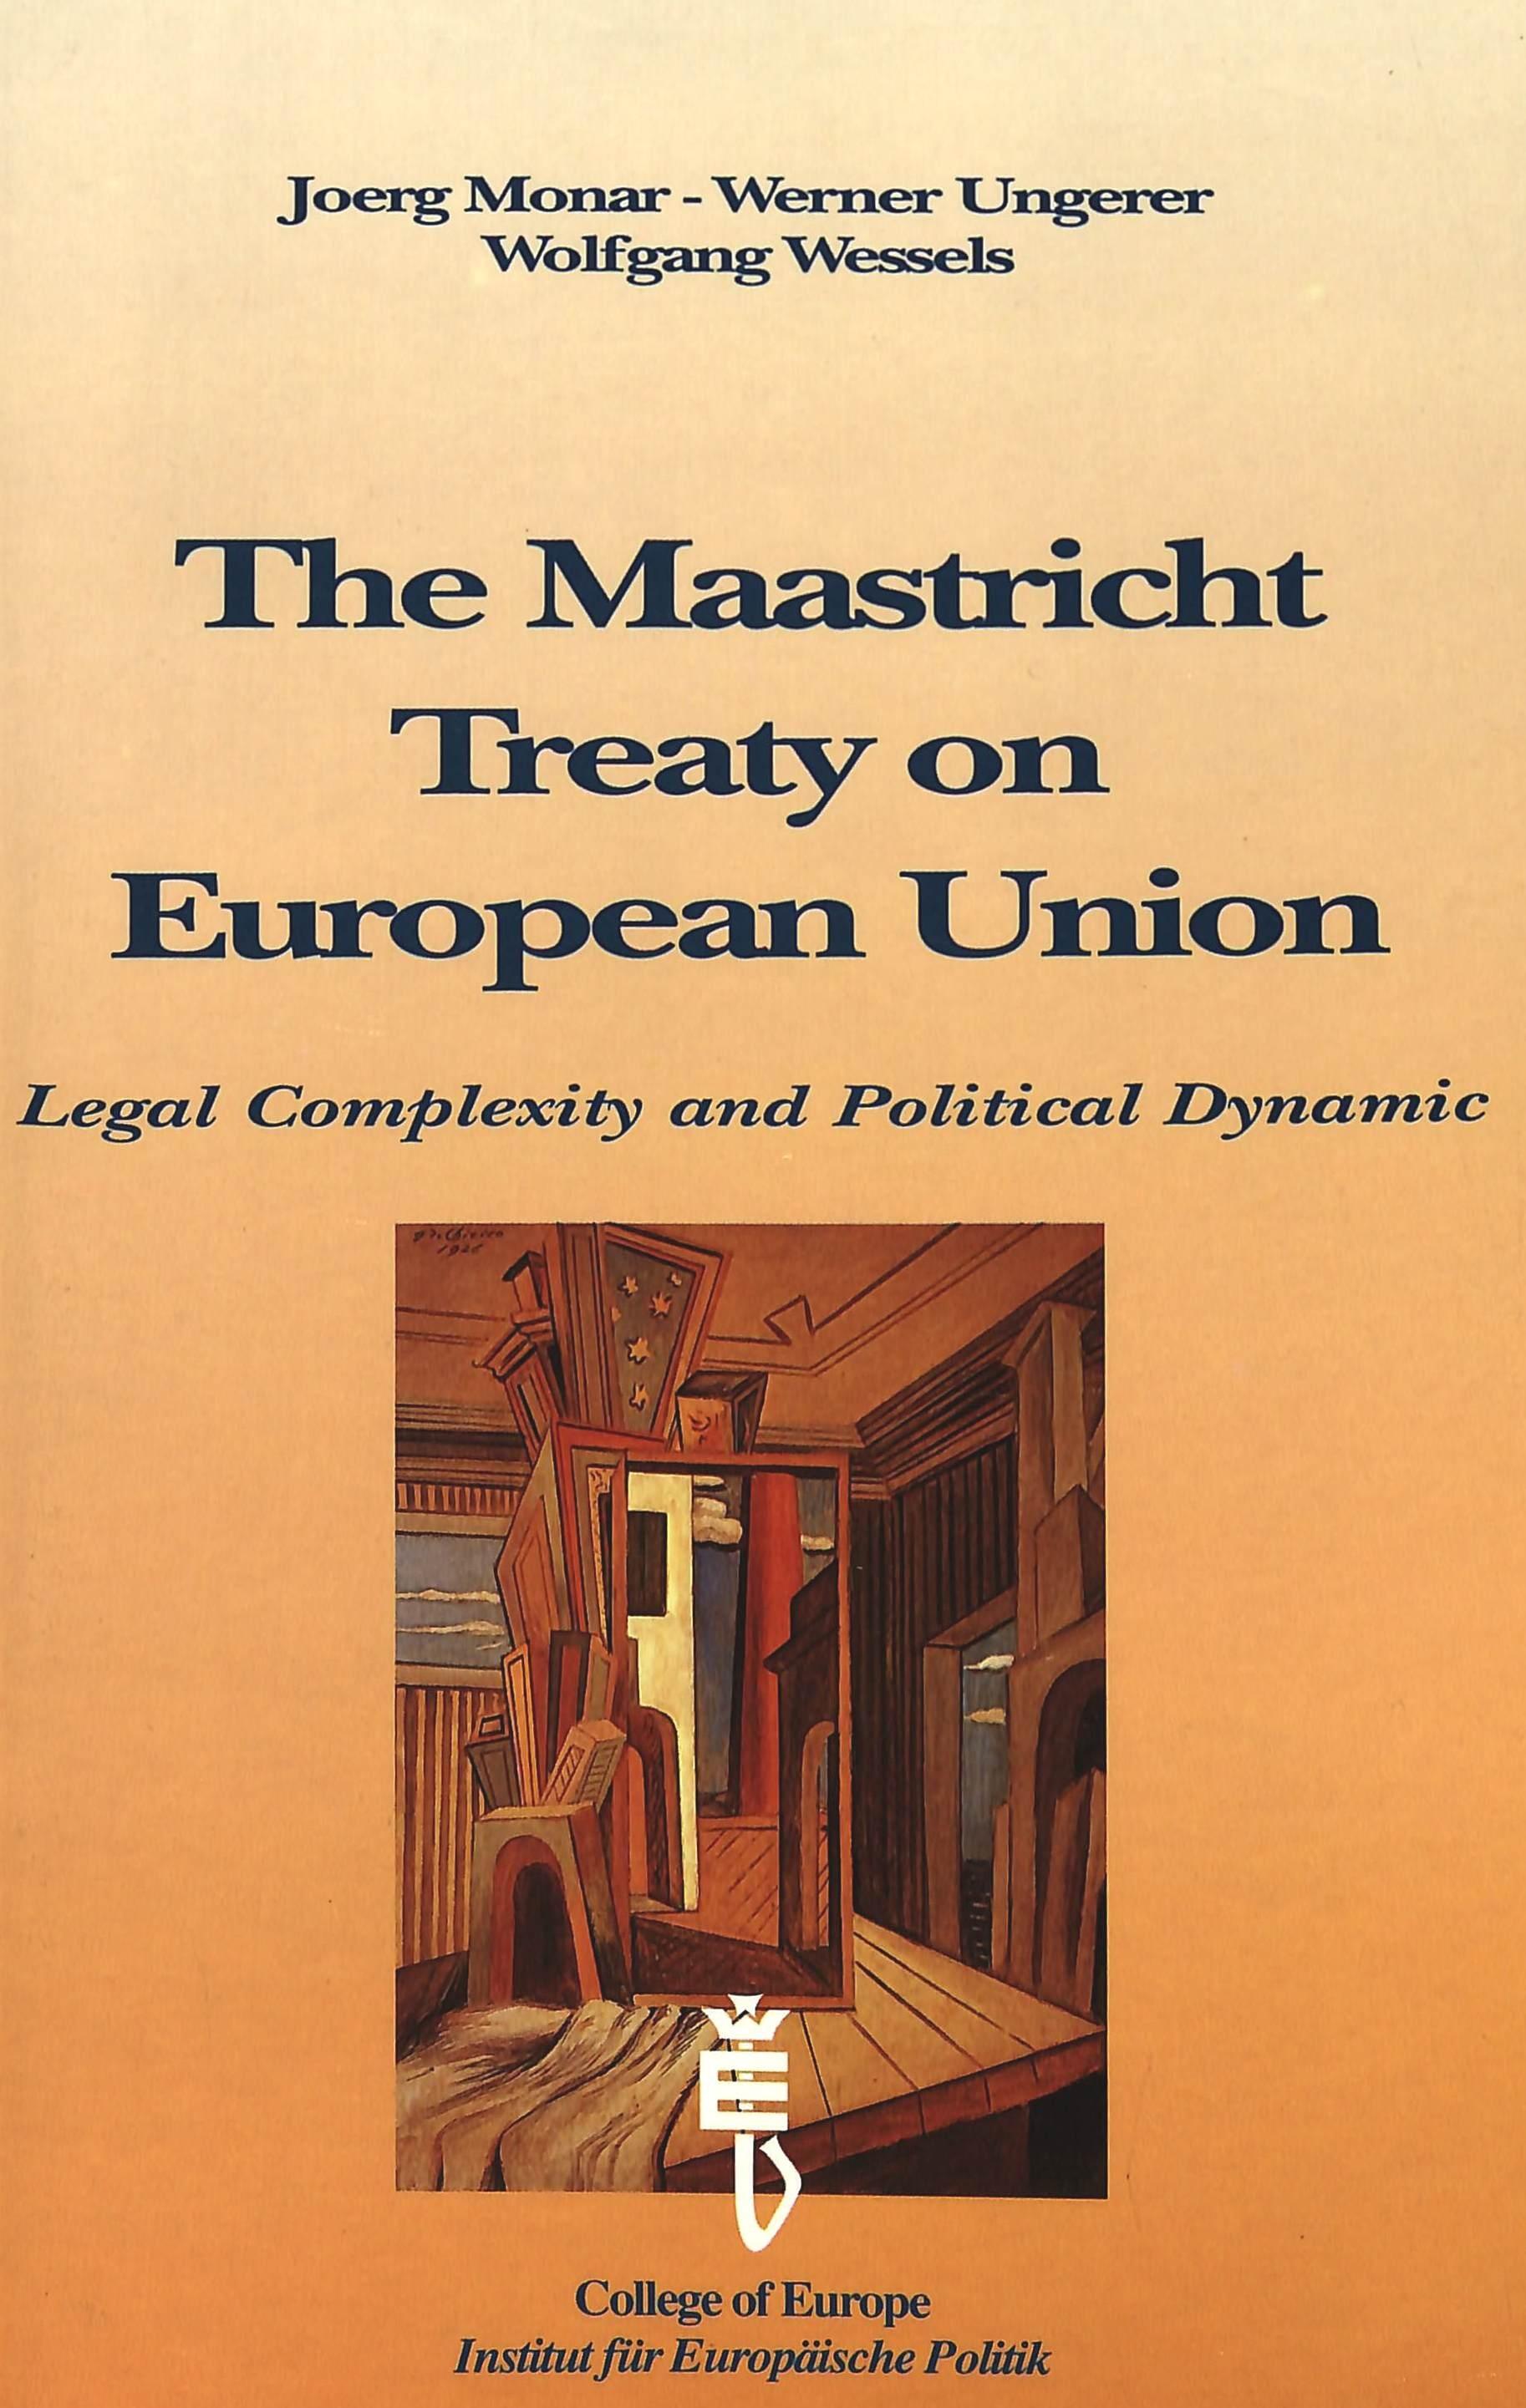 THE MAASTRICHT TREATY ON EUROPEAN UNION